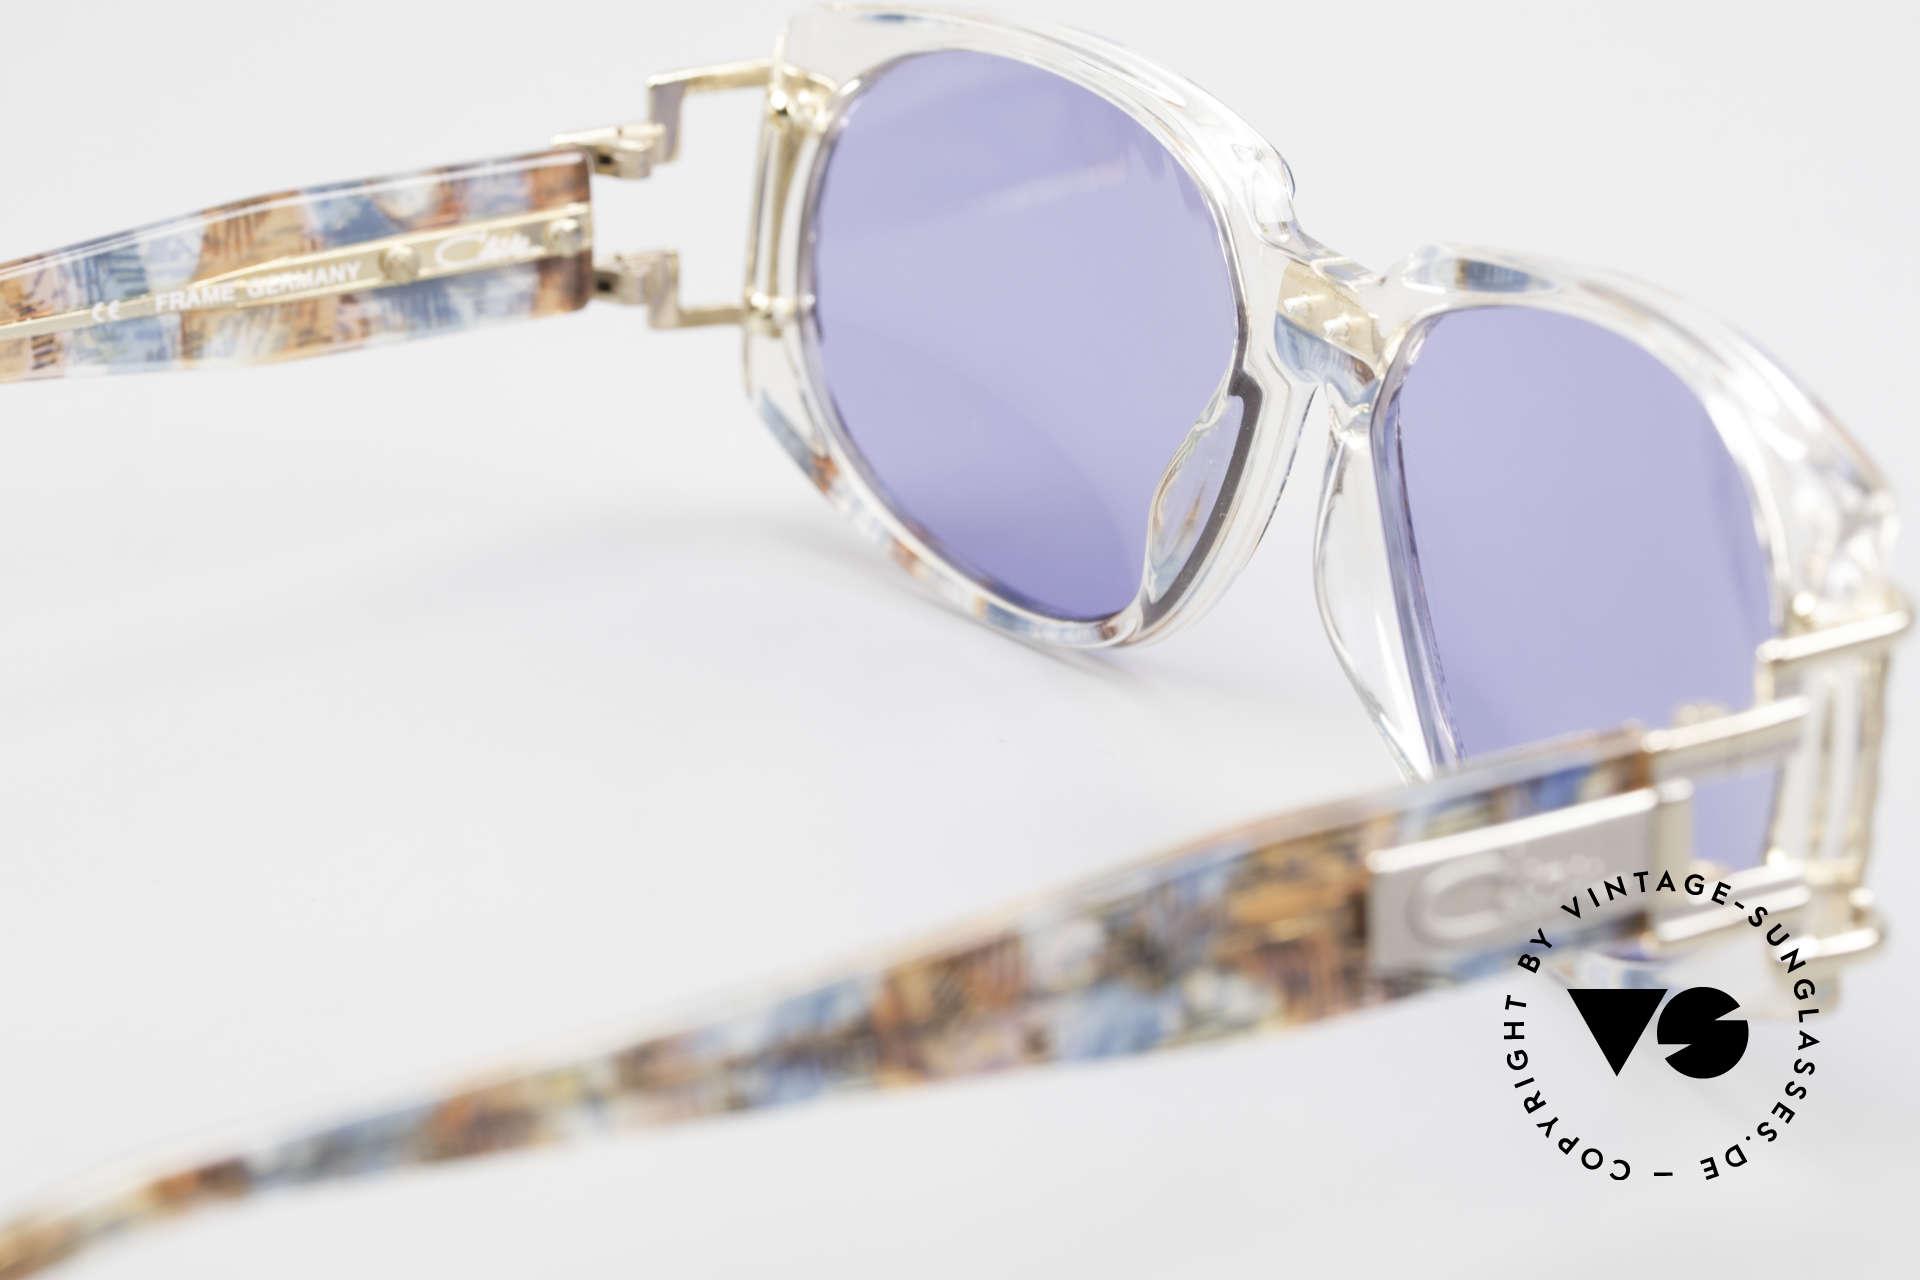 Cazal 372 Seltene HipHop Sonnenbrille, KEINE RETRO Brille, sondern ein 20 Jahre altes ORIGINAL, Passend für Herren und Damen